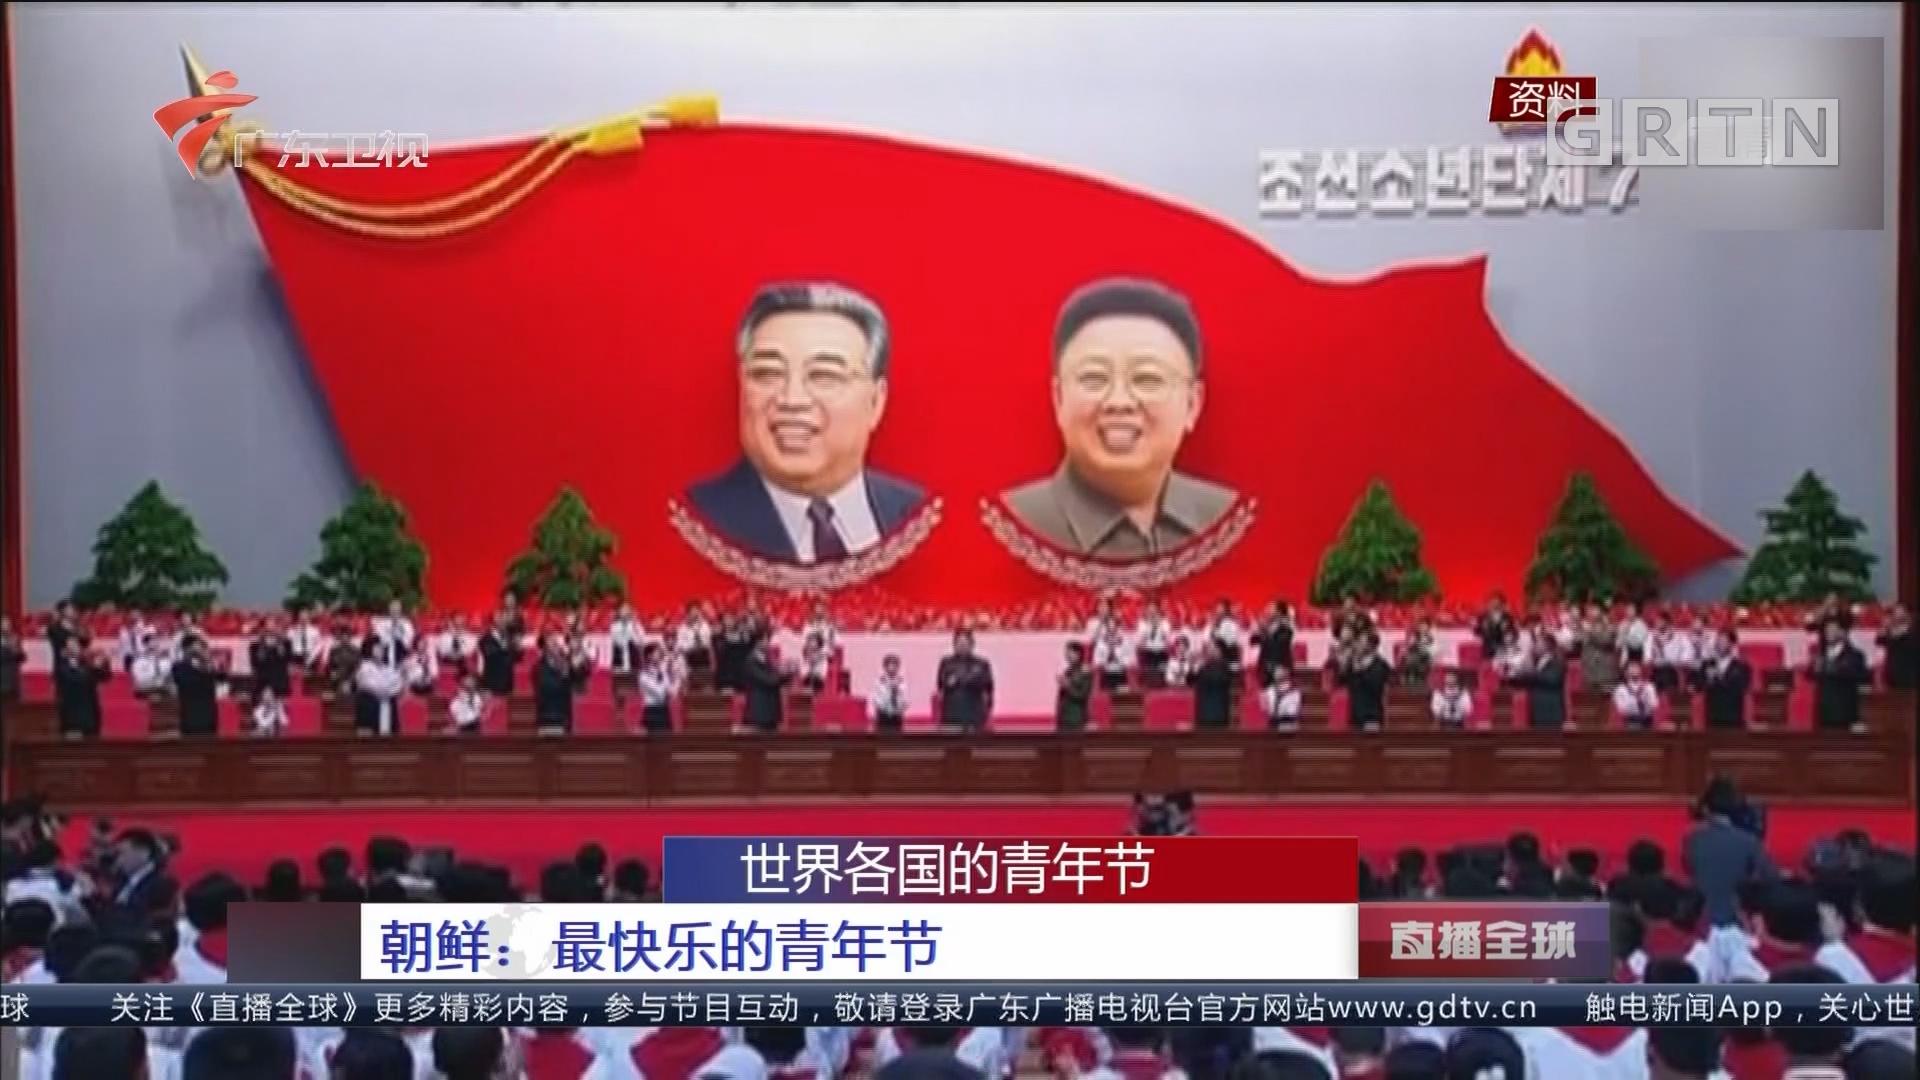 世界各国的青年节 朝鲜:最快乐的青年节